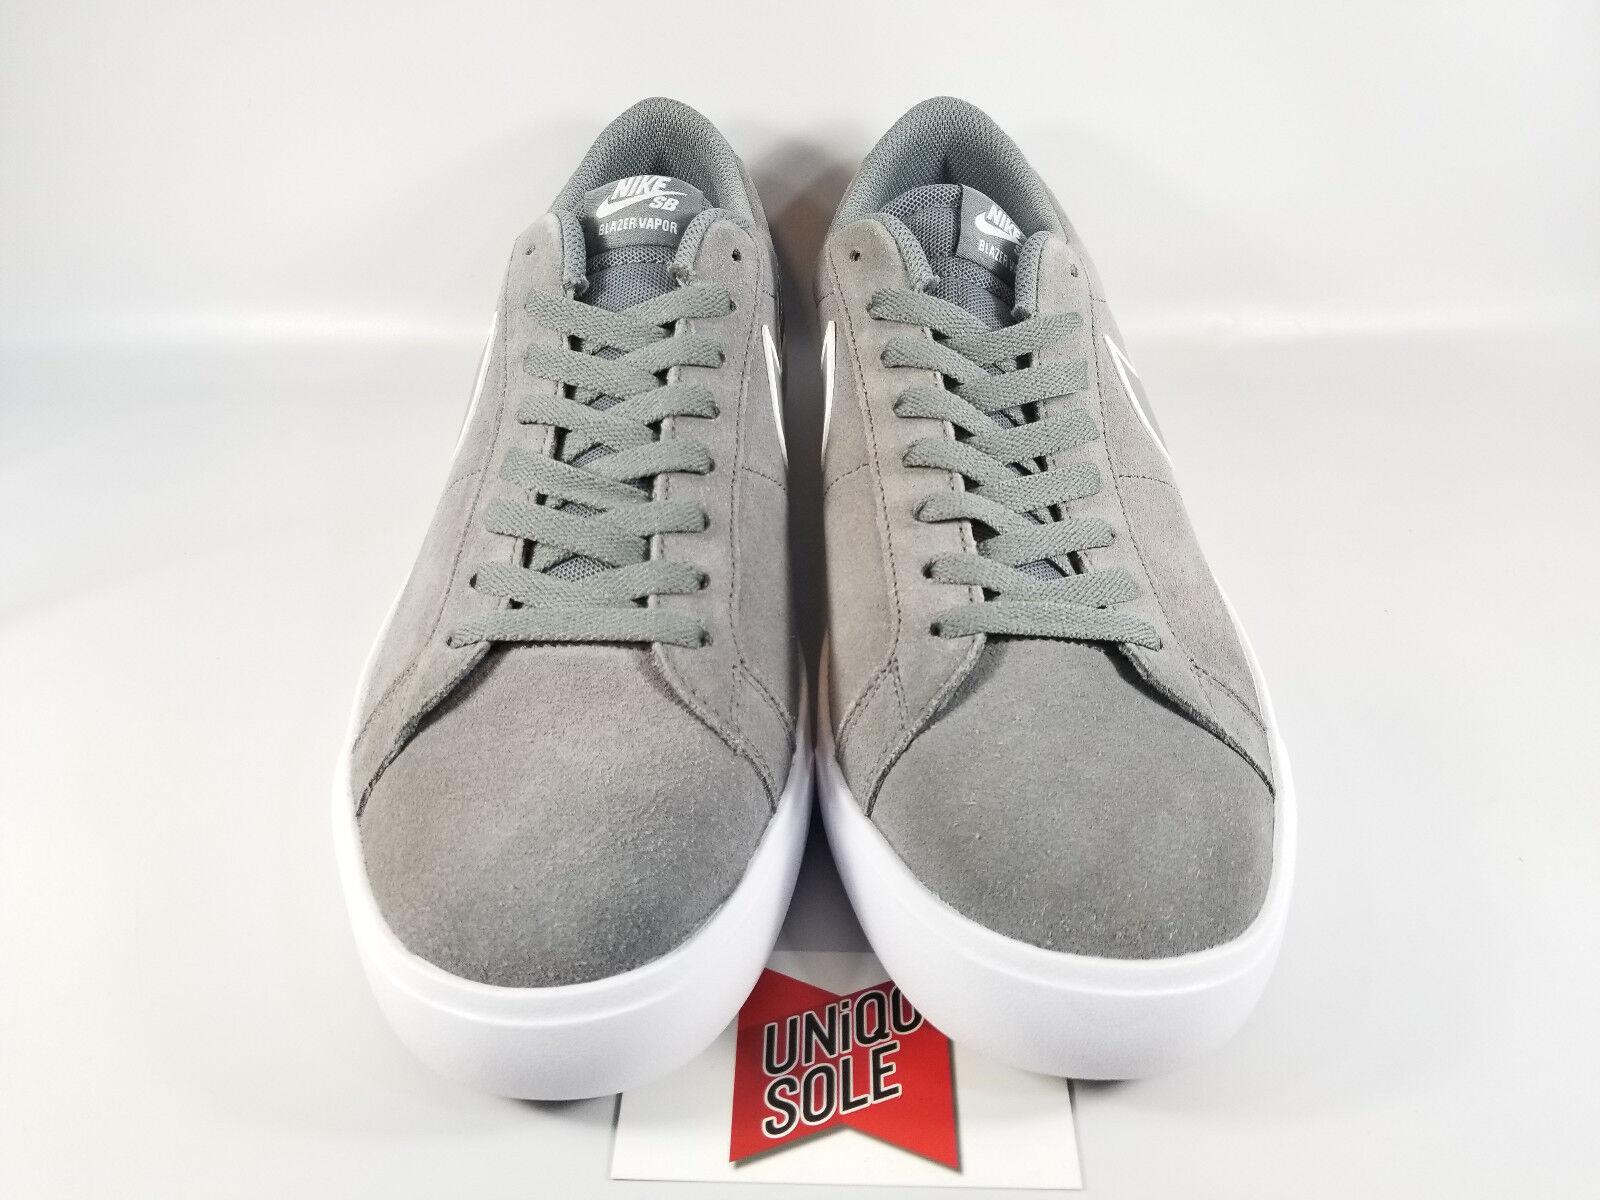 Nike sb blazer vapor cool ist aus grauem wildleder weiße 878365-001 sz 11 skate schuhe